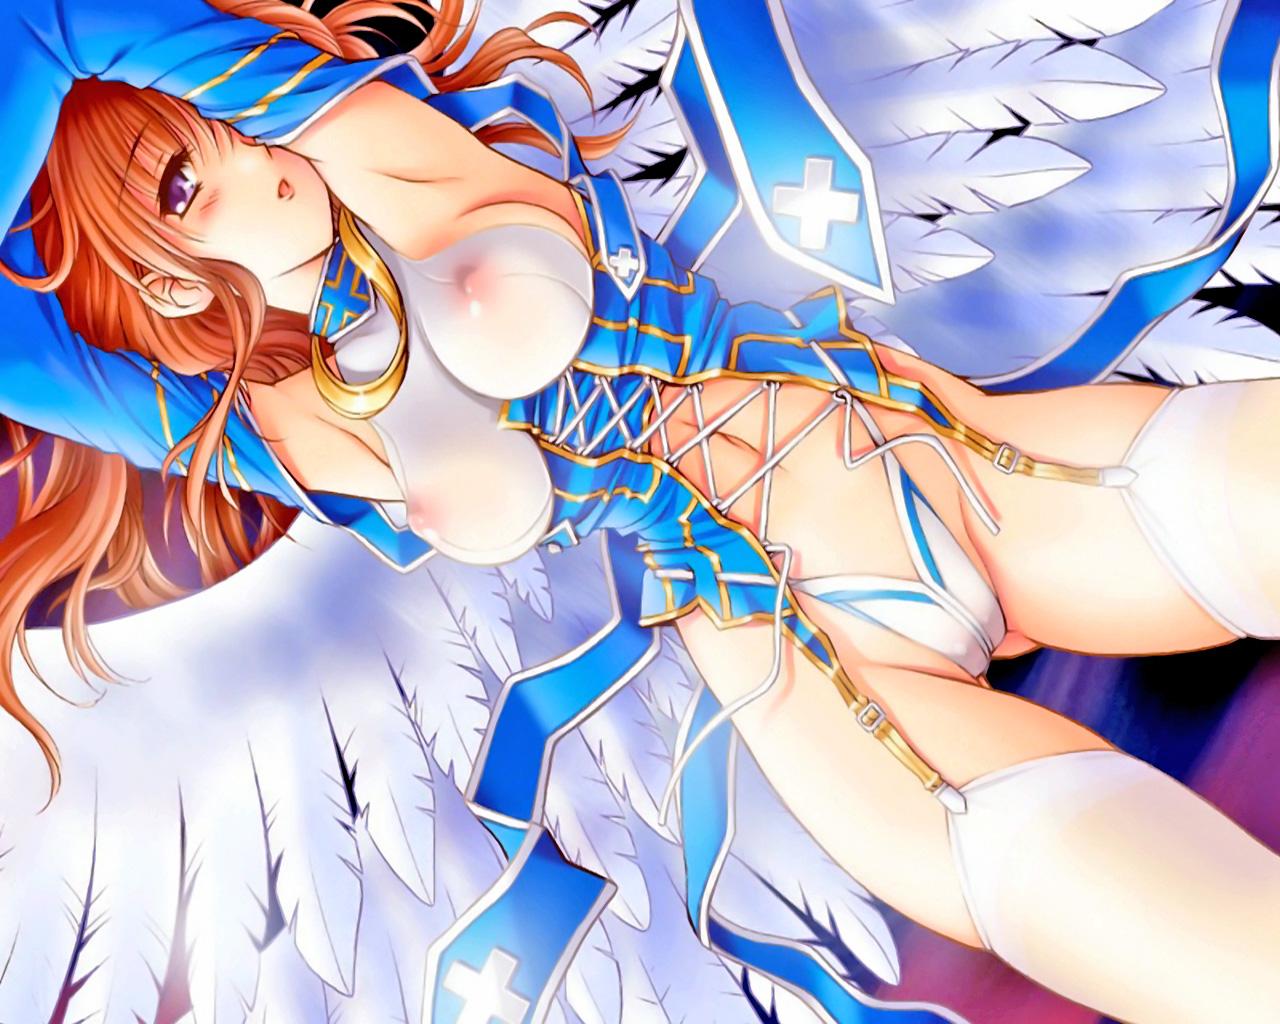 Хентай демоны и ангелы 15 фотография